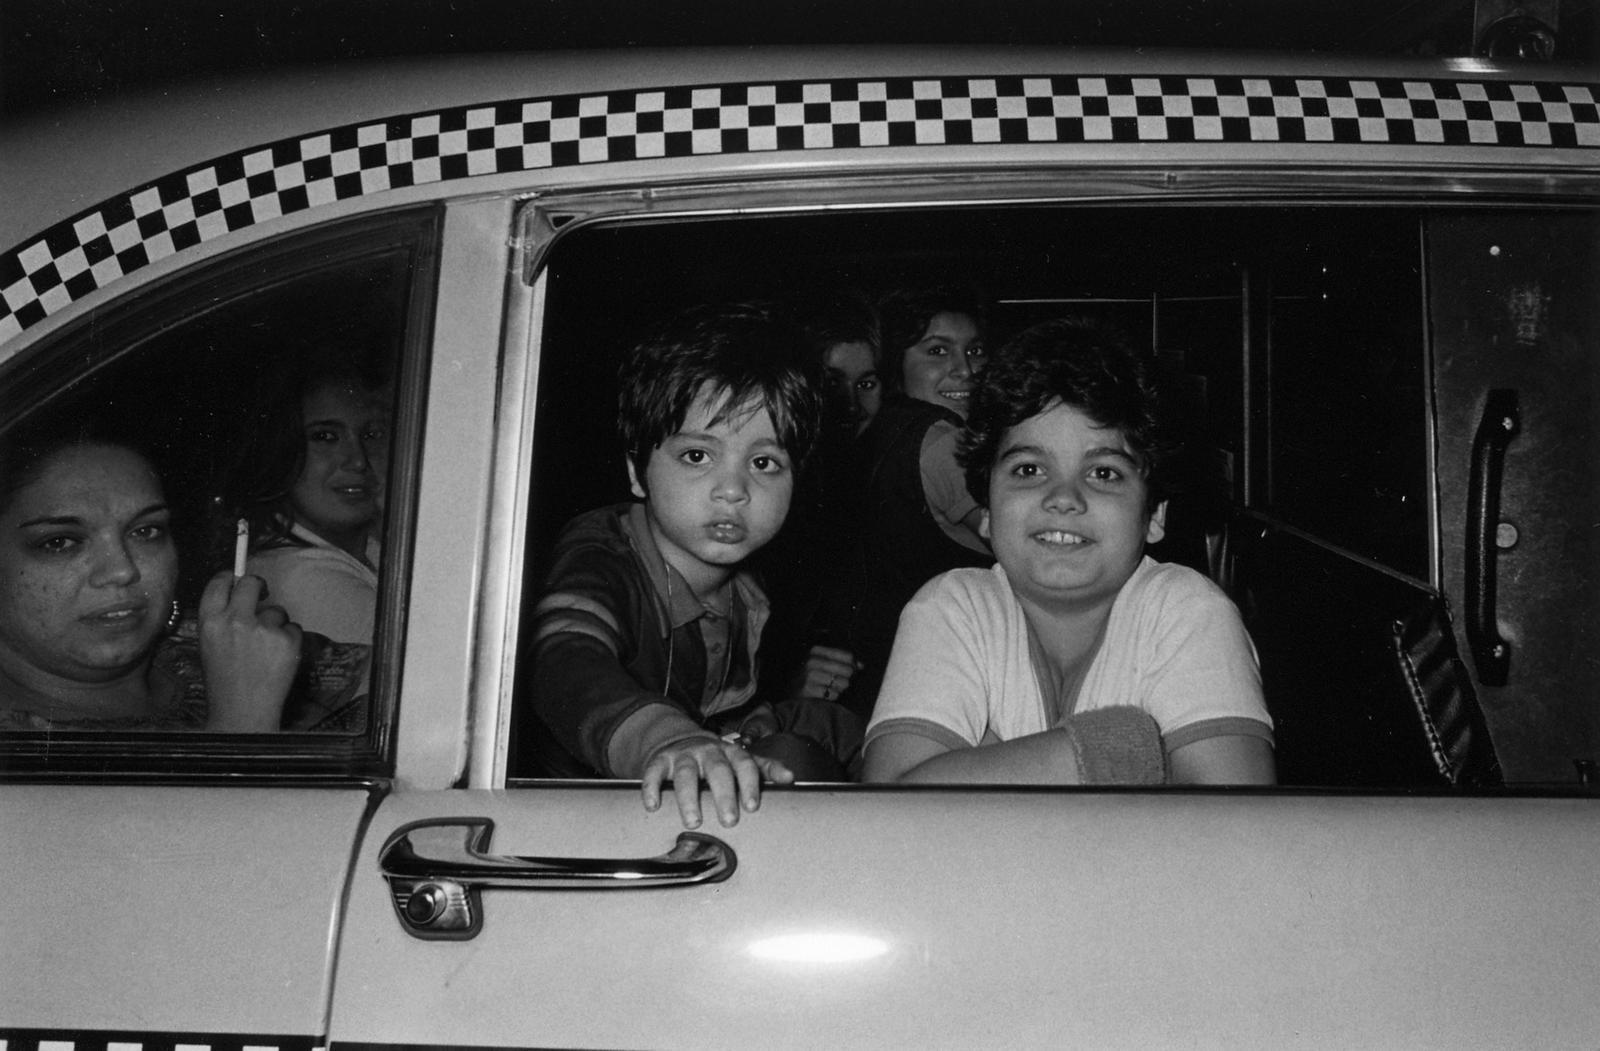 Suốt 30 năm, người tài xế taxi New York cần mẫn chụp ảnh và cho ra đời những tác phẩm kinh ngạc - Ảnh 9.